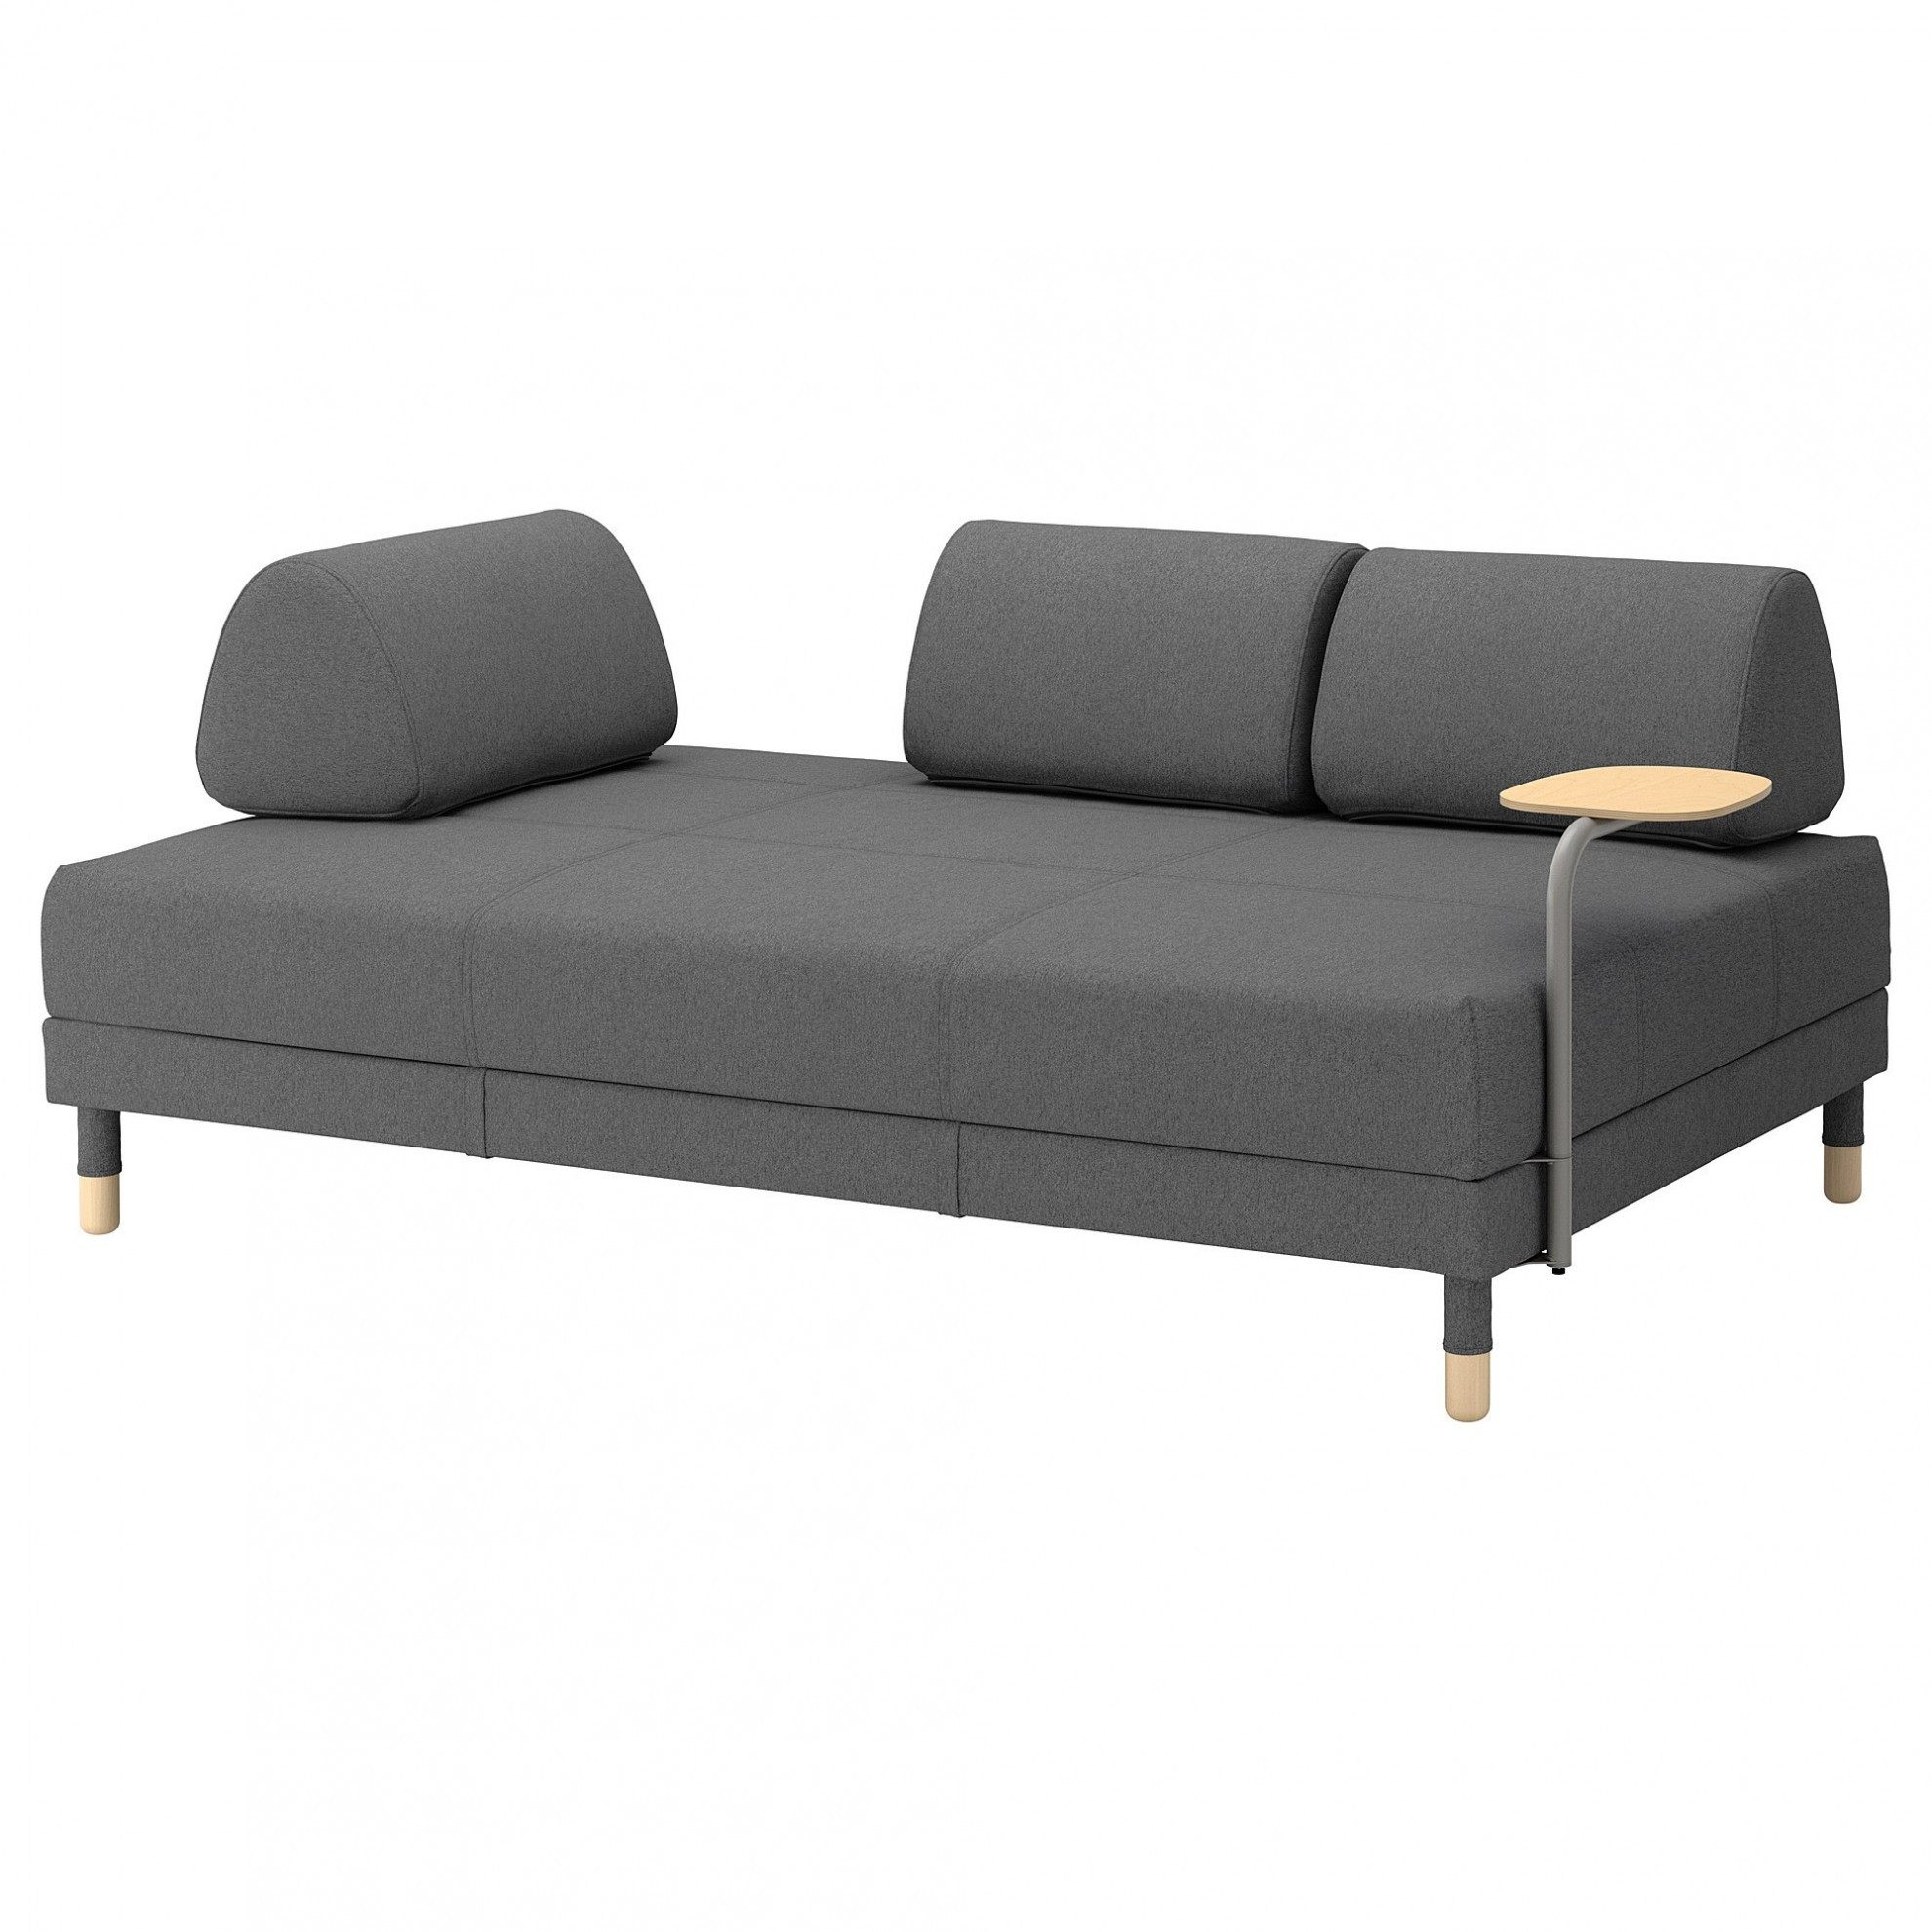 Lit 3 Places Superposé Joli Entra Nant Lit Superposé Avec Canapé Sur Lit Biné Armoire Fresh Lit